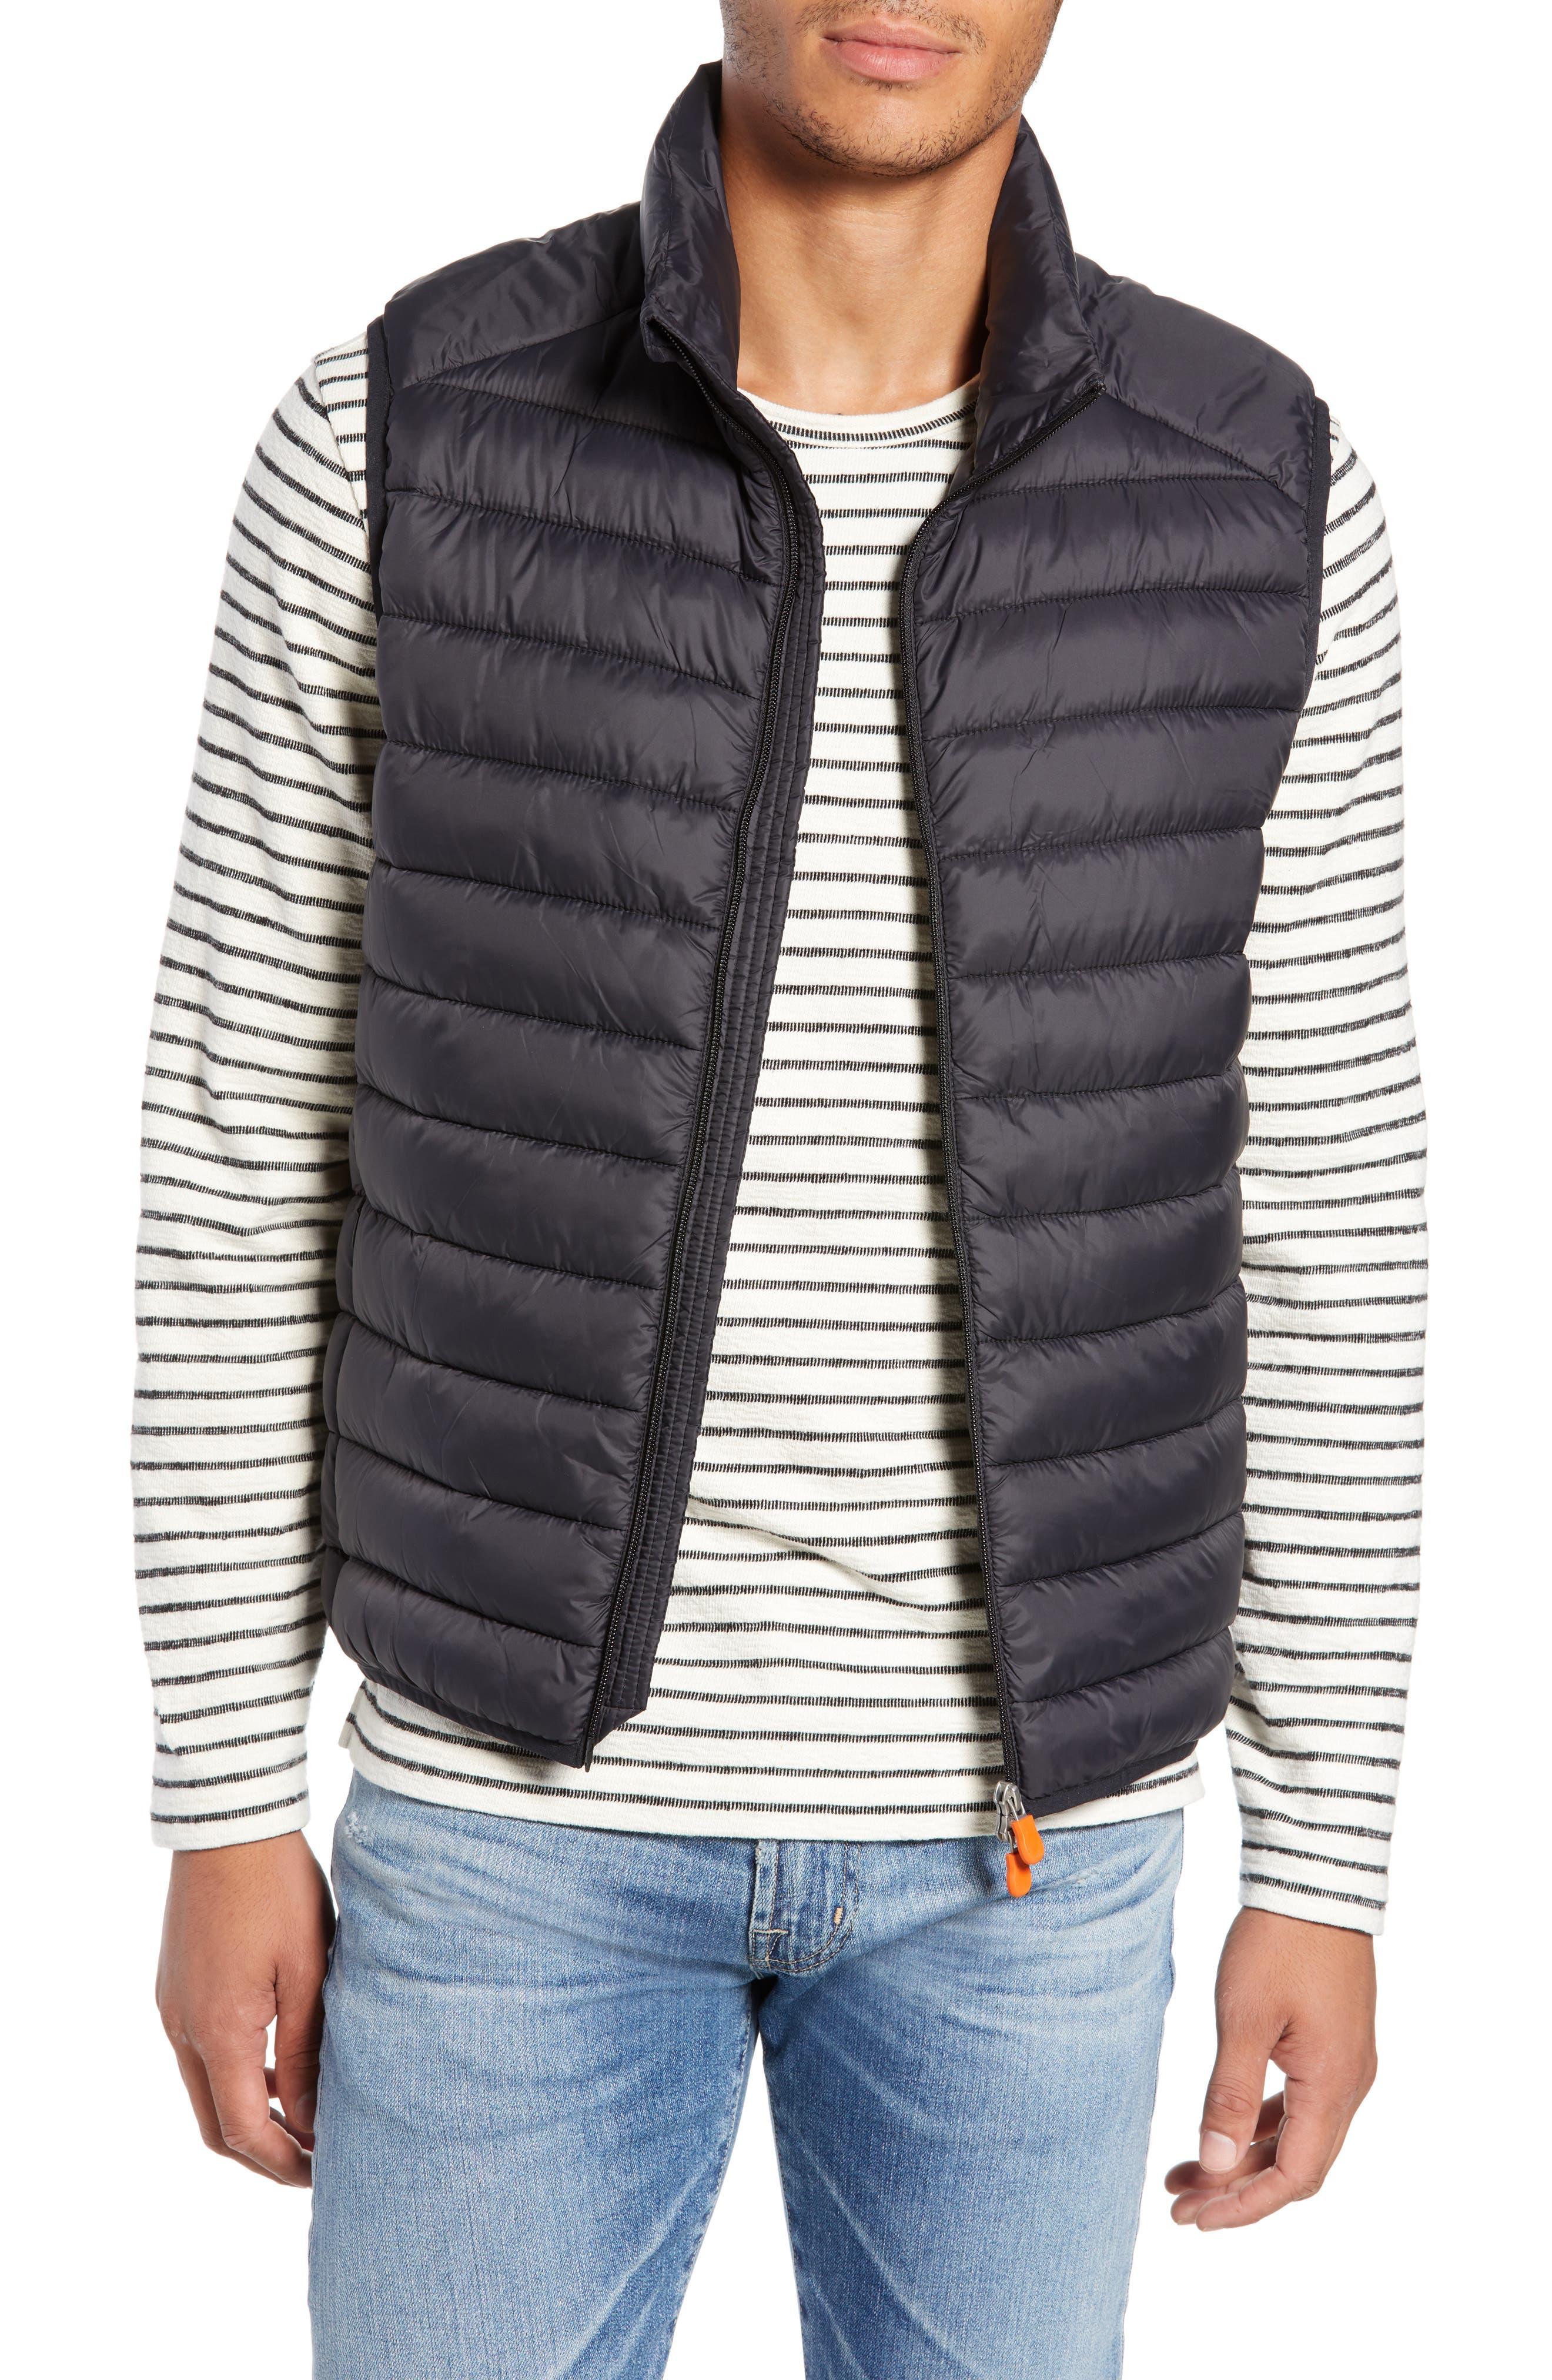 Lightweight Packable Vest,                             Main thumbnail 1, color,                             BLACK